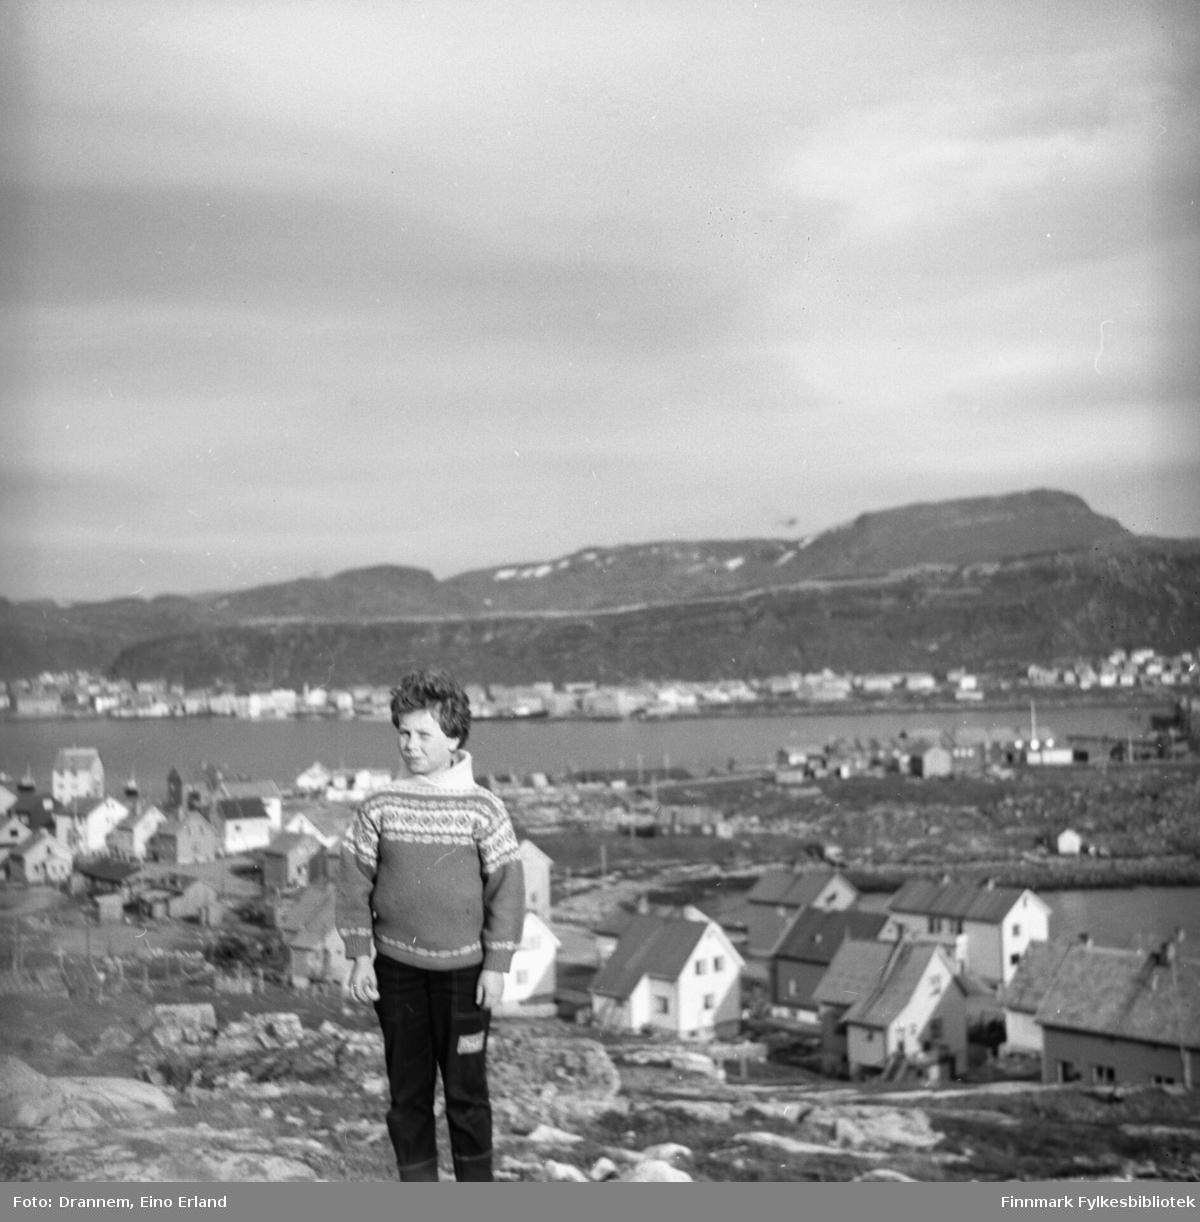 Turid Karikoski fotografert i terrenget ovenfor Fuglenes med Hammerfest senturm i bakgrunnen og Rossmollbukta nede til høyre. Fjellet Tyven ses oppe til høyre. Bldet kan være tatt St. Hans-aften.